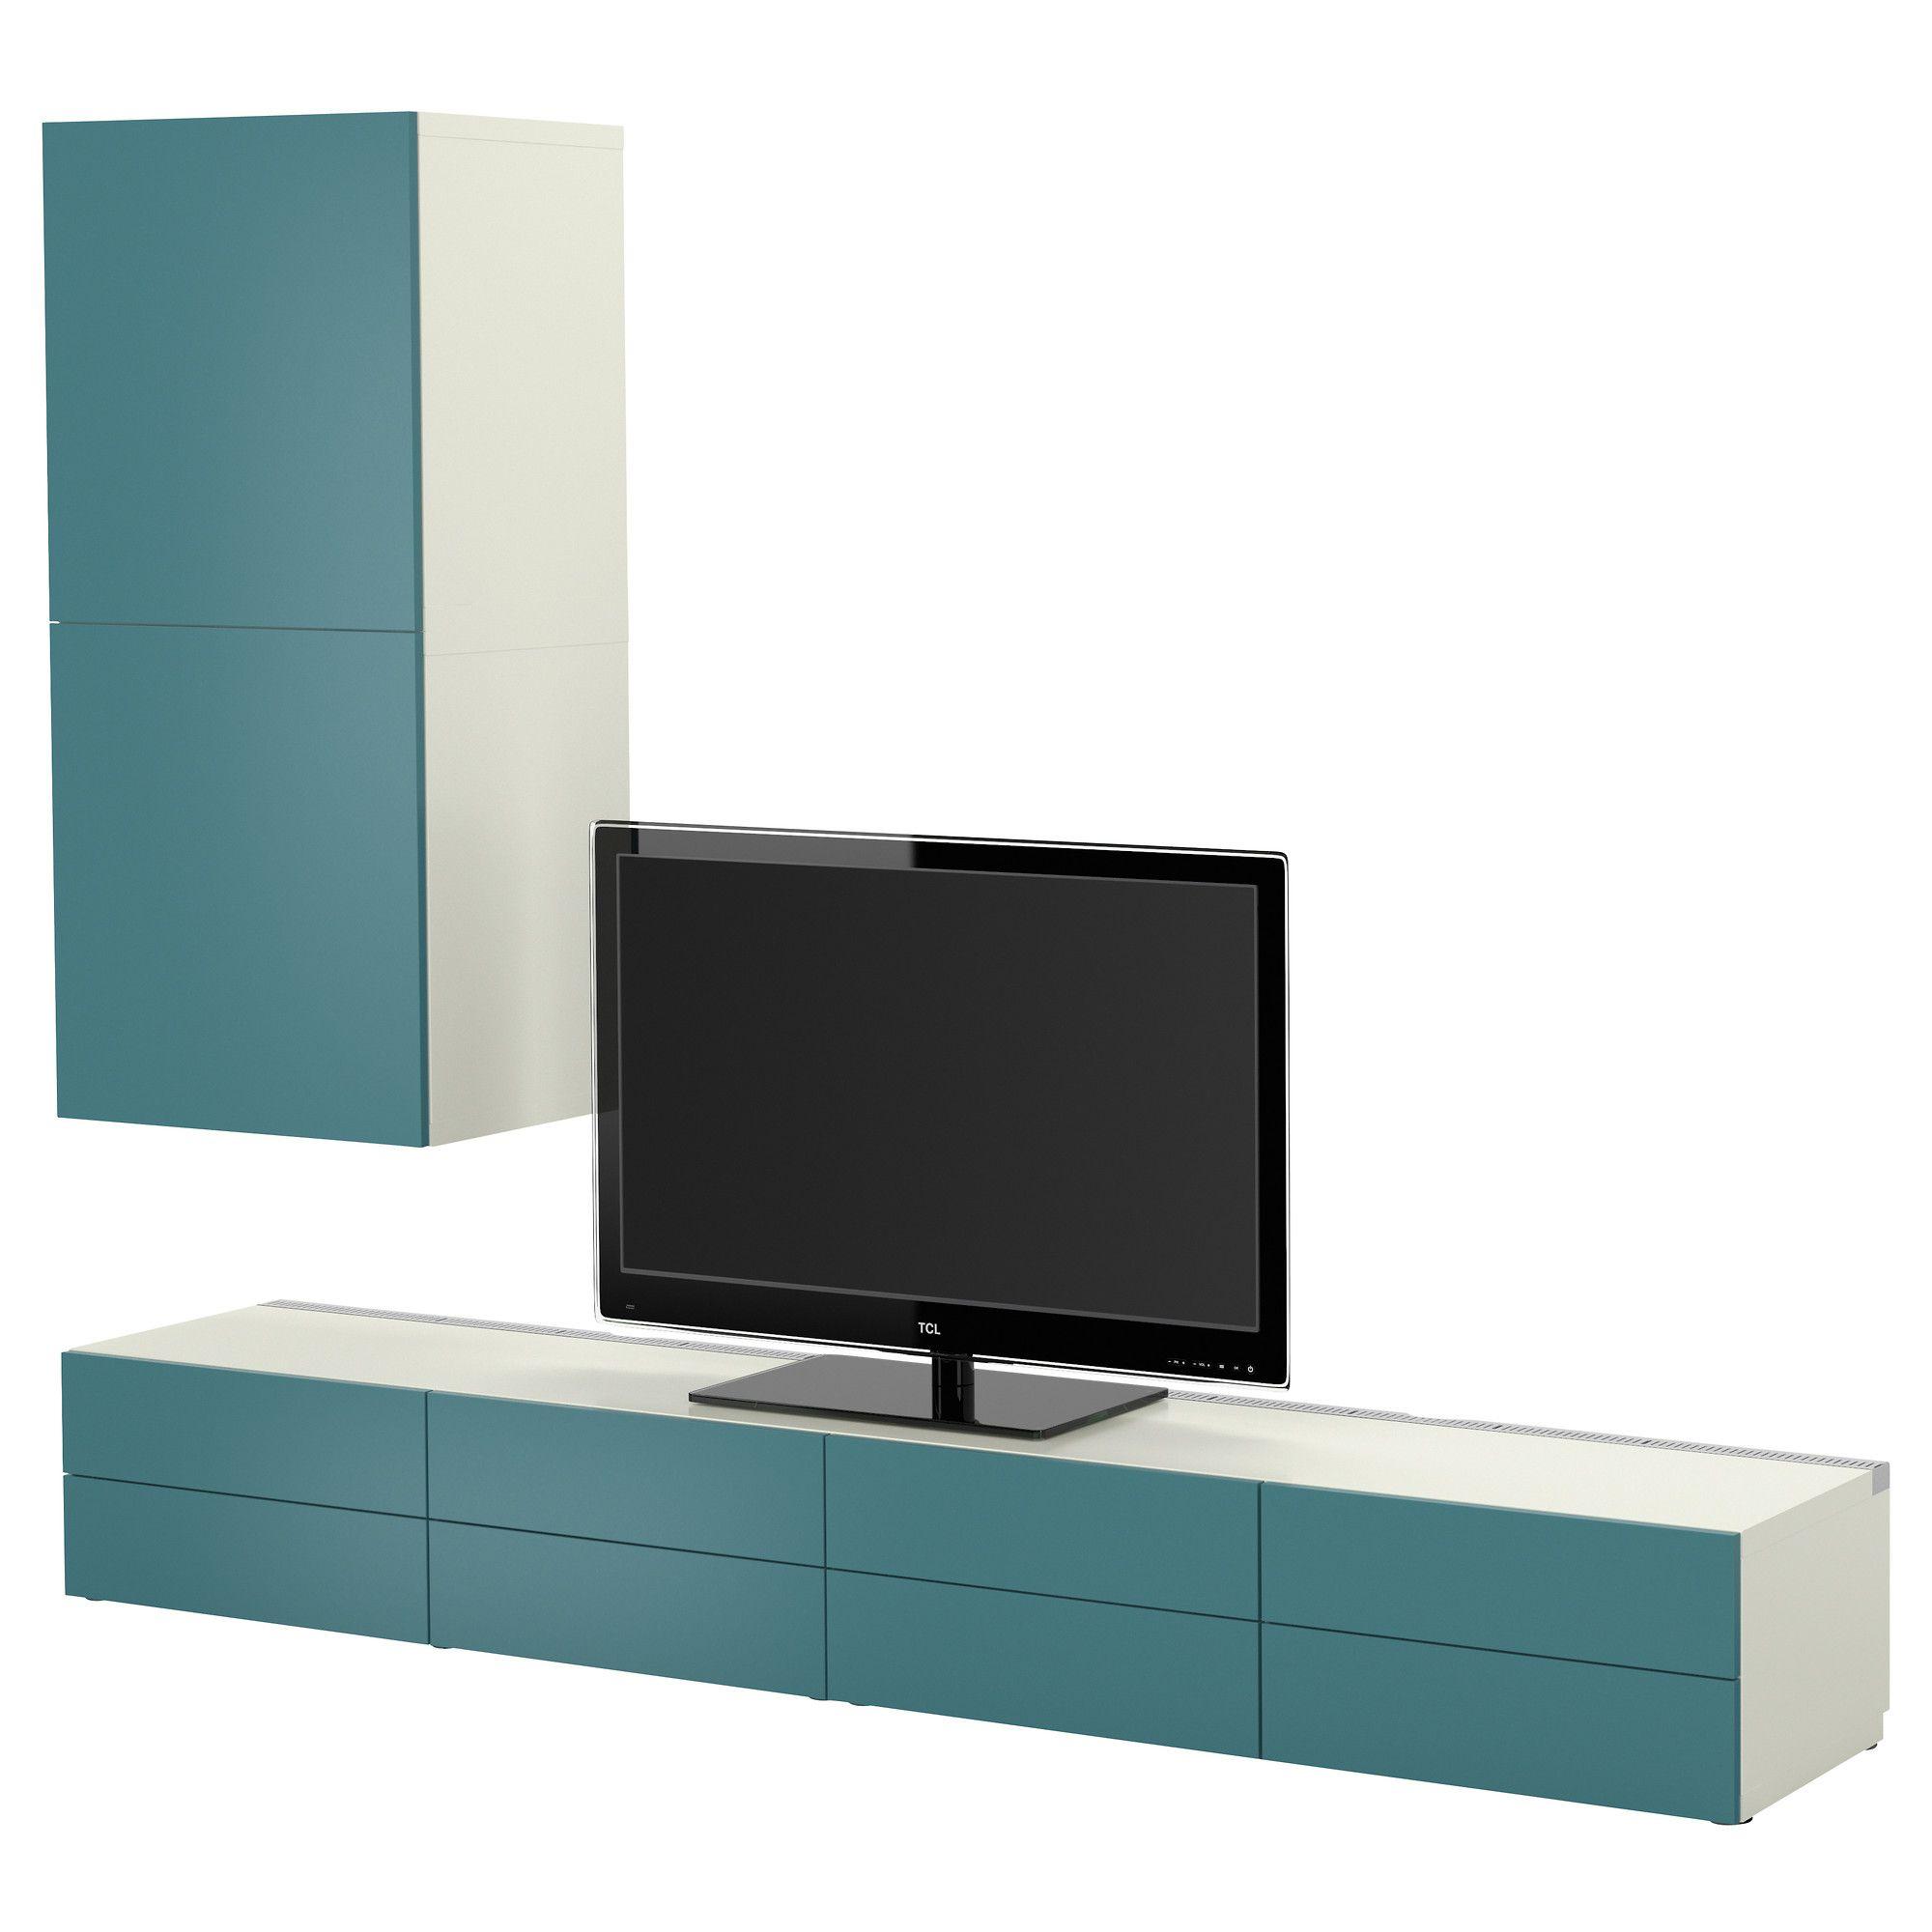 Ikea Tv Meubel Combinatie.Nederland Meubels Woonkamer Tv En Huiskamerideeen